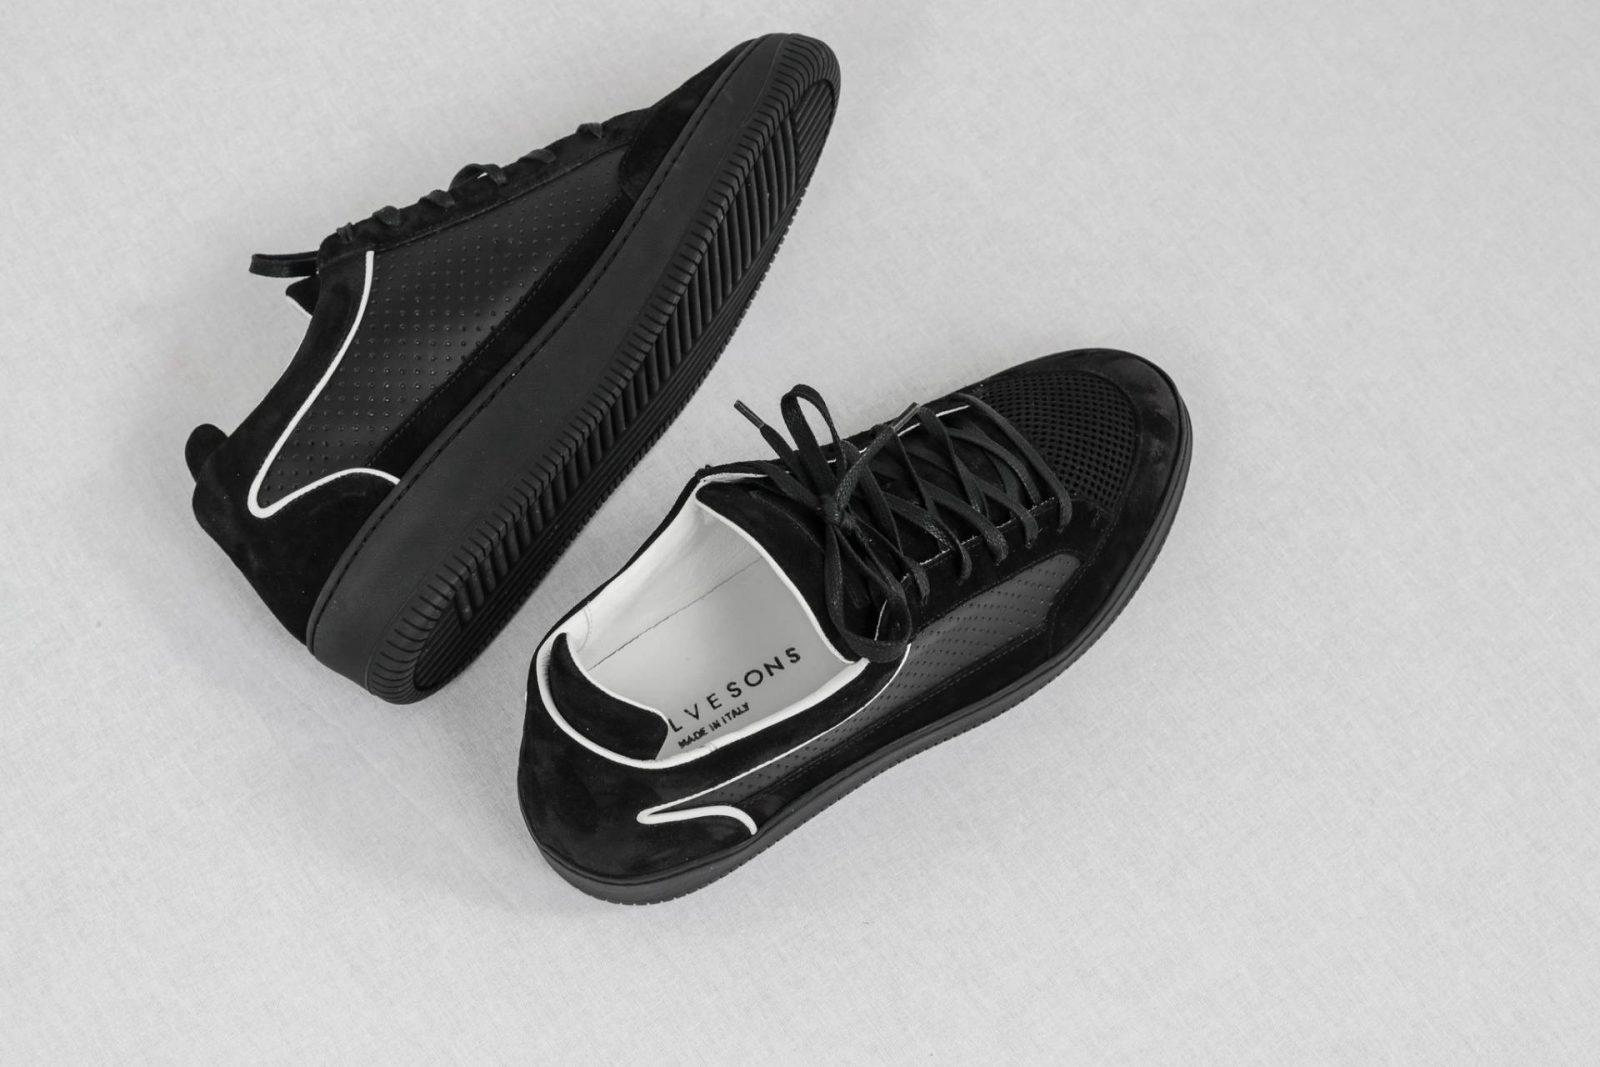 Introducing Twelvesons – Unisex Footwear